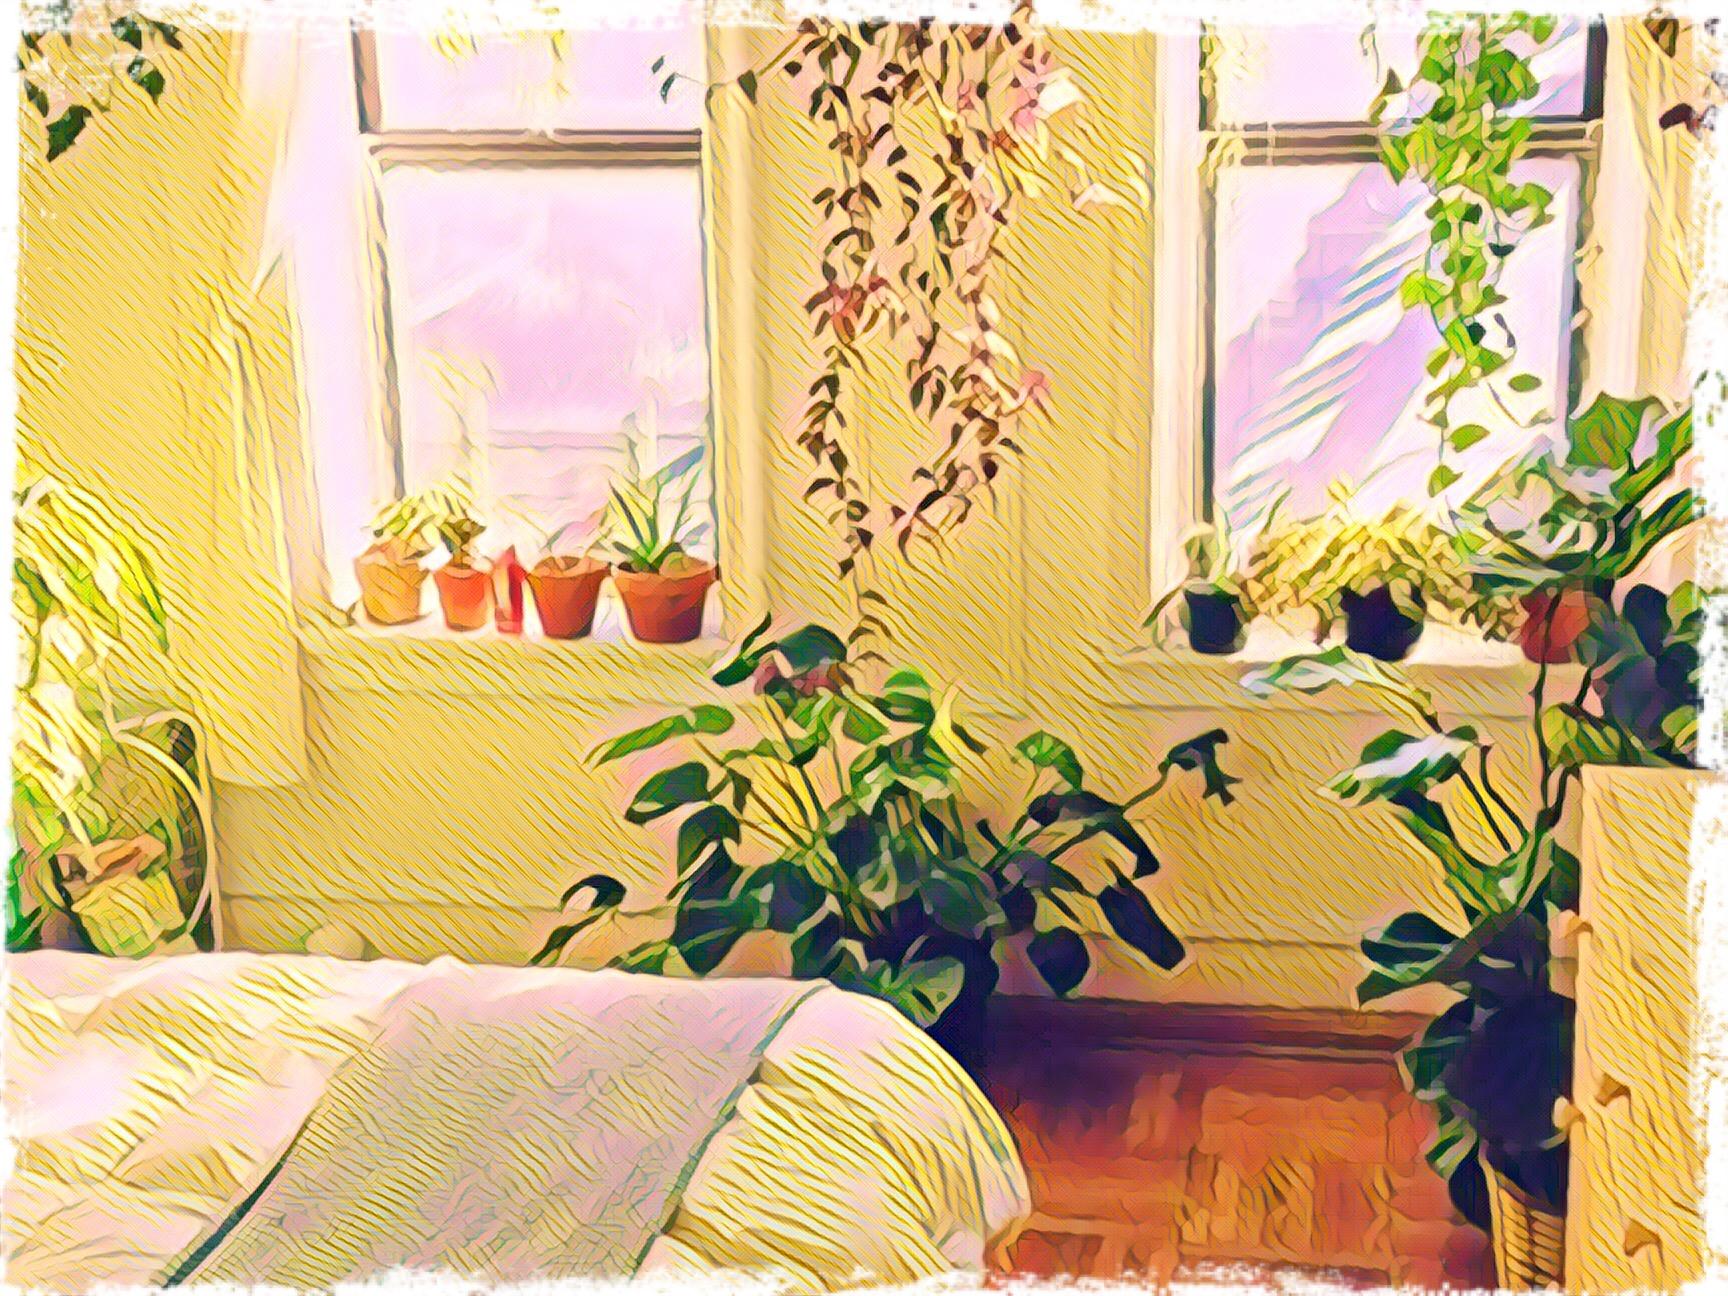 Le piante che si possono tenere in camera da letto per favorire il sonno michele il giardiniere - Piante per camera da letto ...